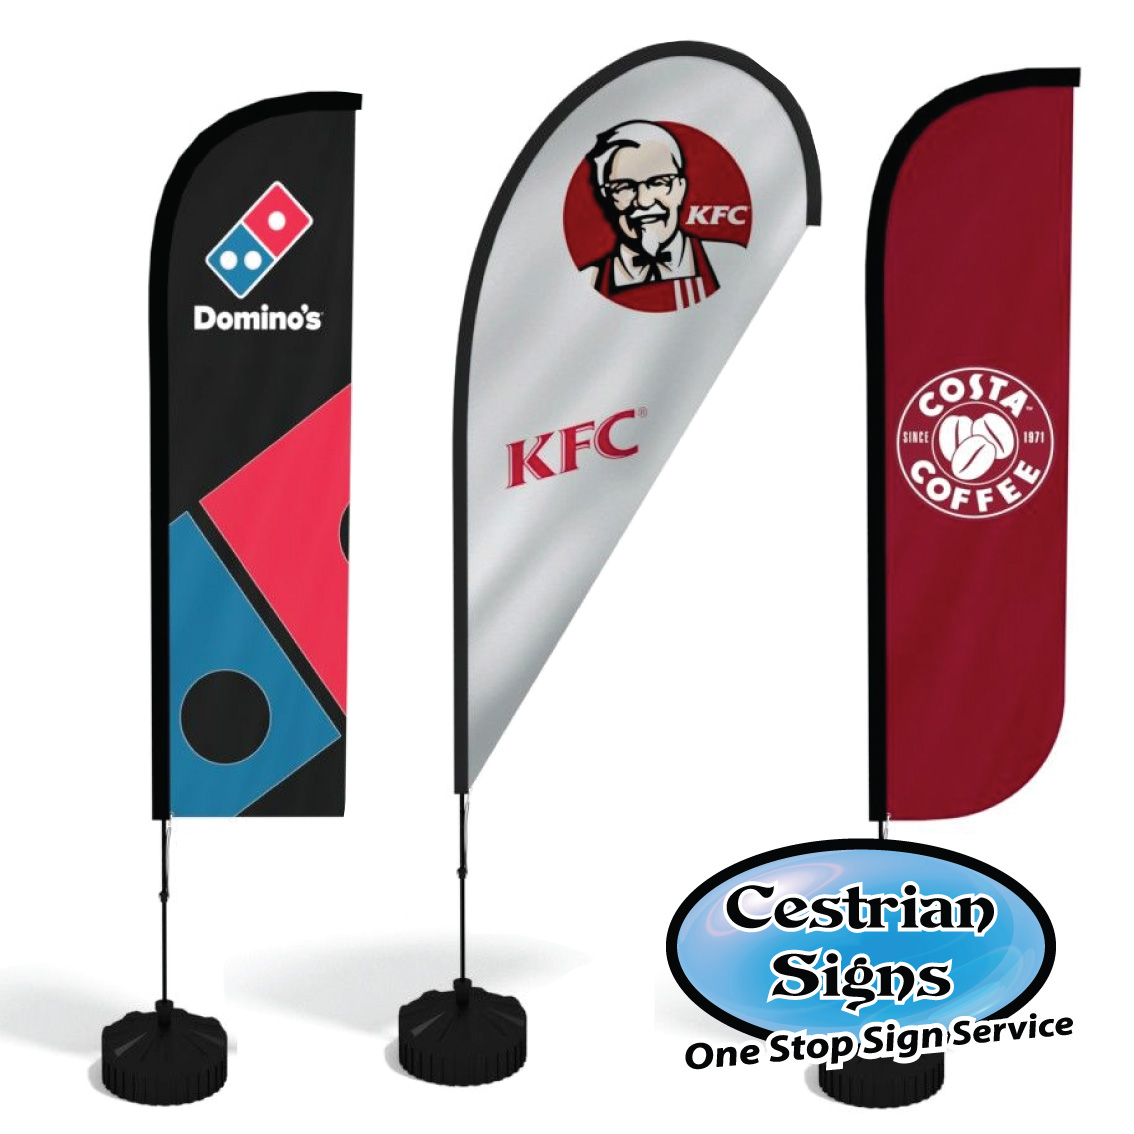 Custom Printed Wind Flags